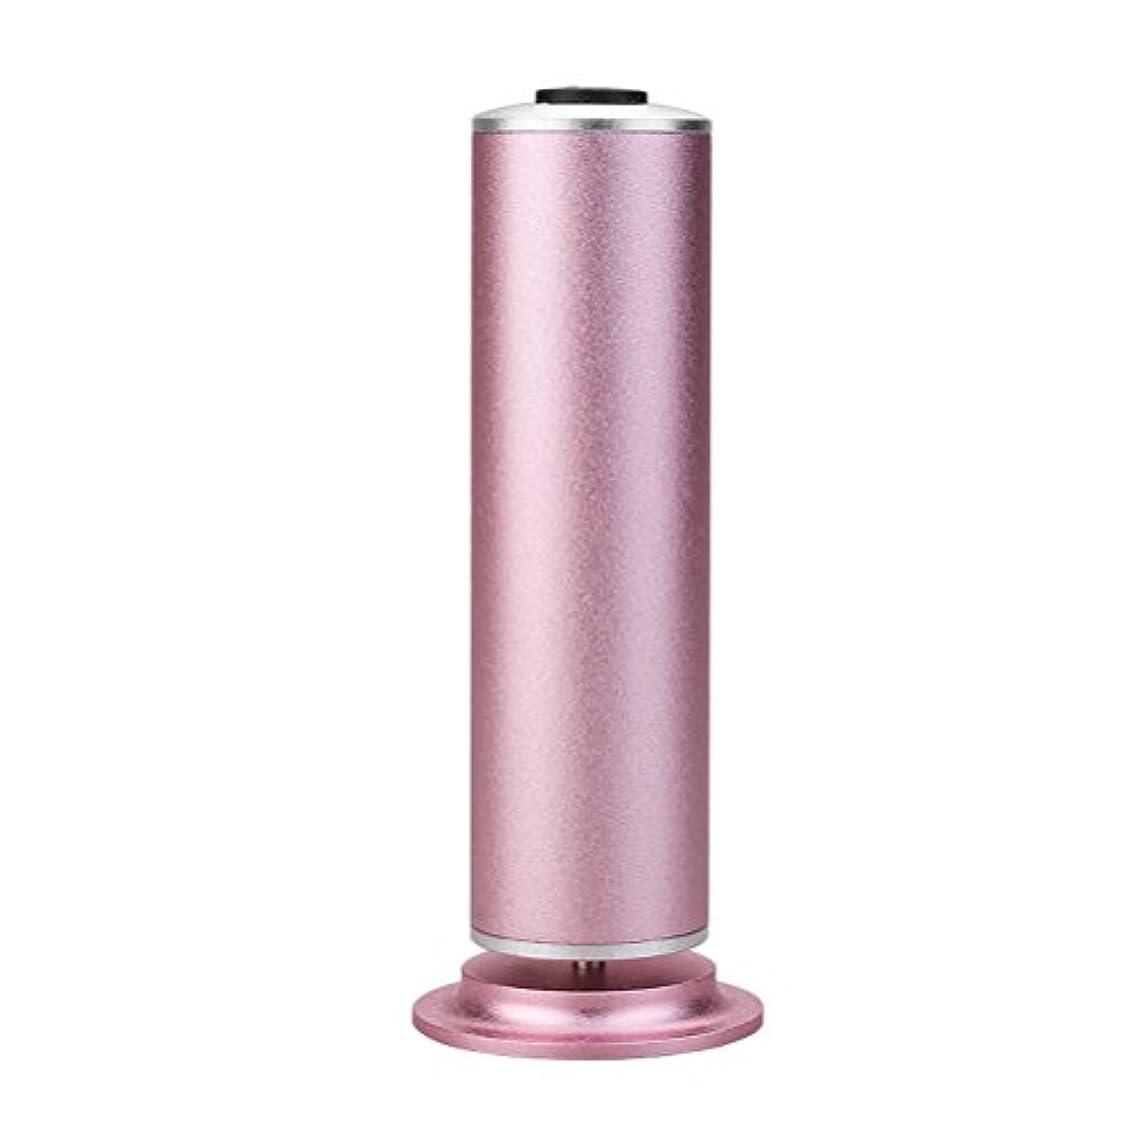 止まる浅い抗生物質Healifty 米国のアダプタを使用してデッドスキン除去のための足カルスリムーバーフットペディキュアツール(ピンク)